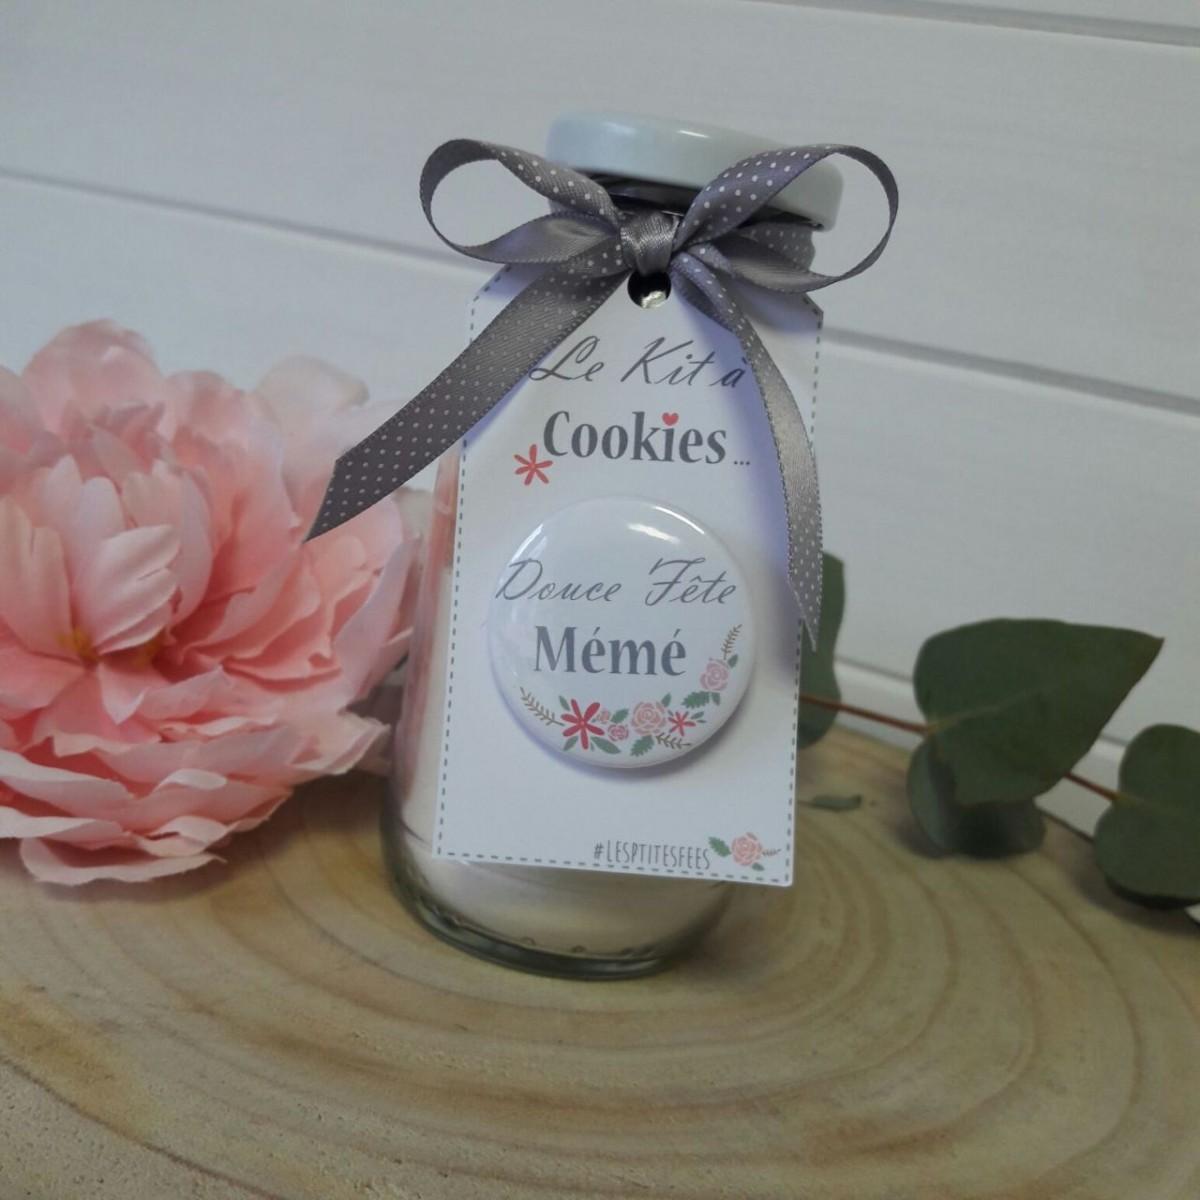 Kit cookies pour la f te des mamie id es cadeaux - Idee cadeau pour mamie ...